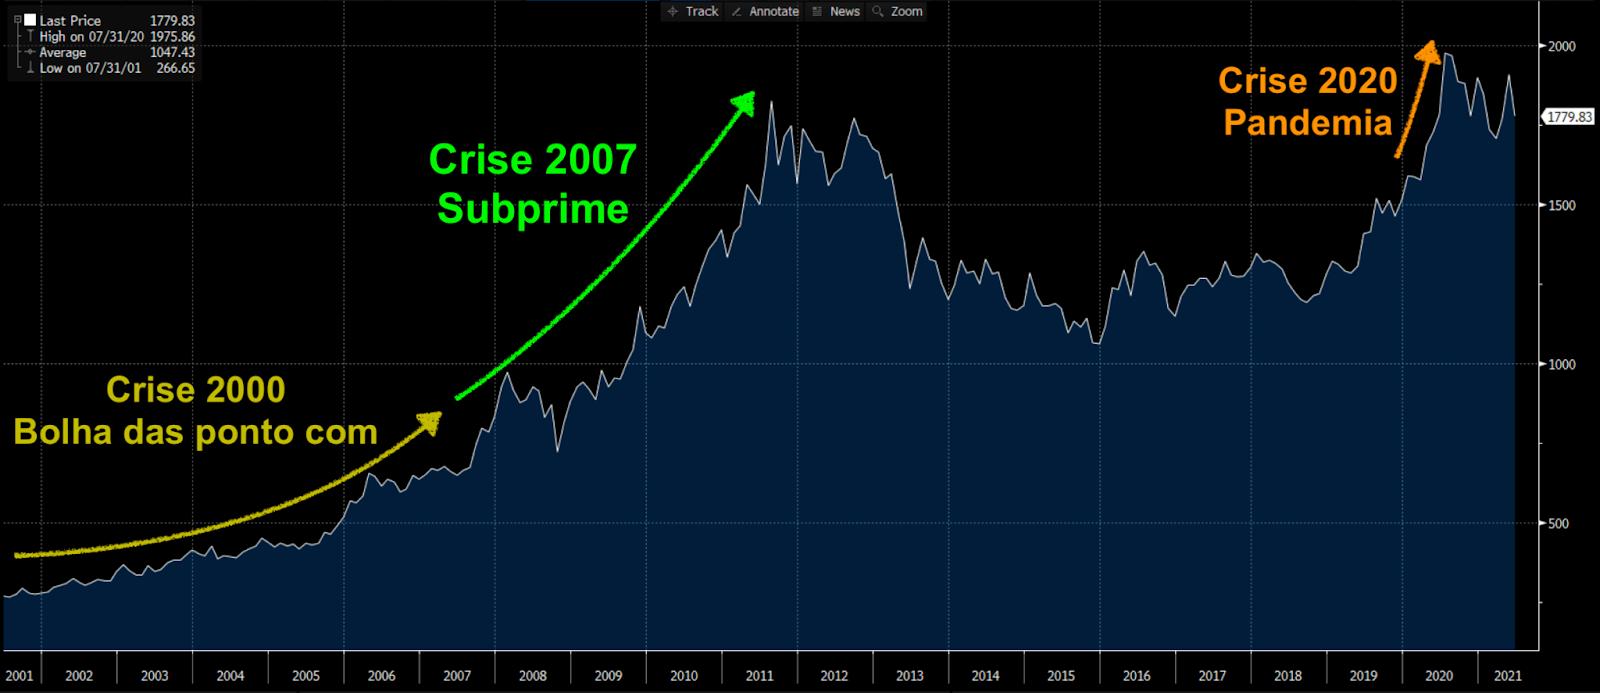 Preço ouro de 2001 a 2021 (Fonte: Bloomberg)